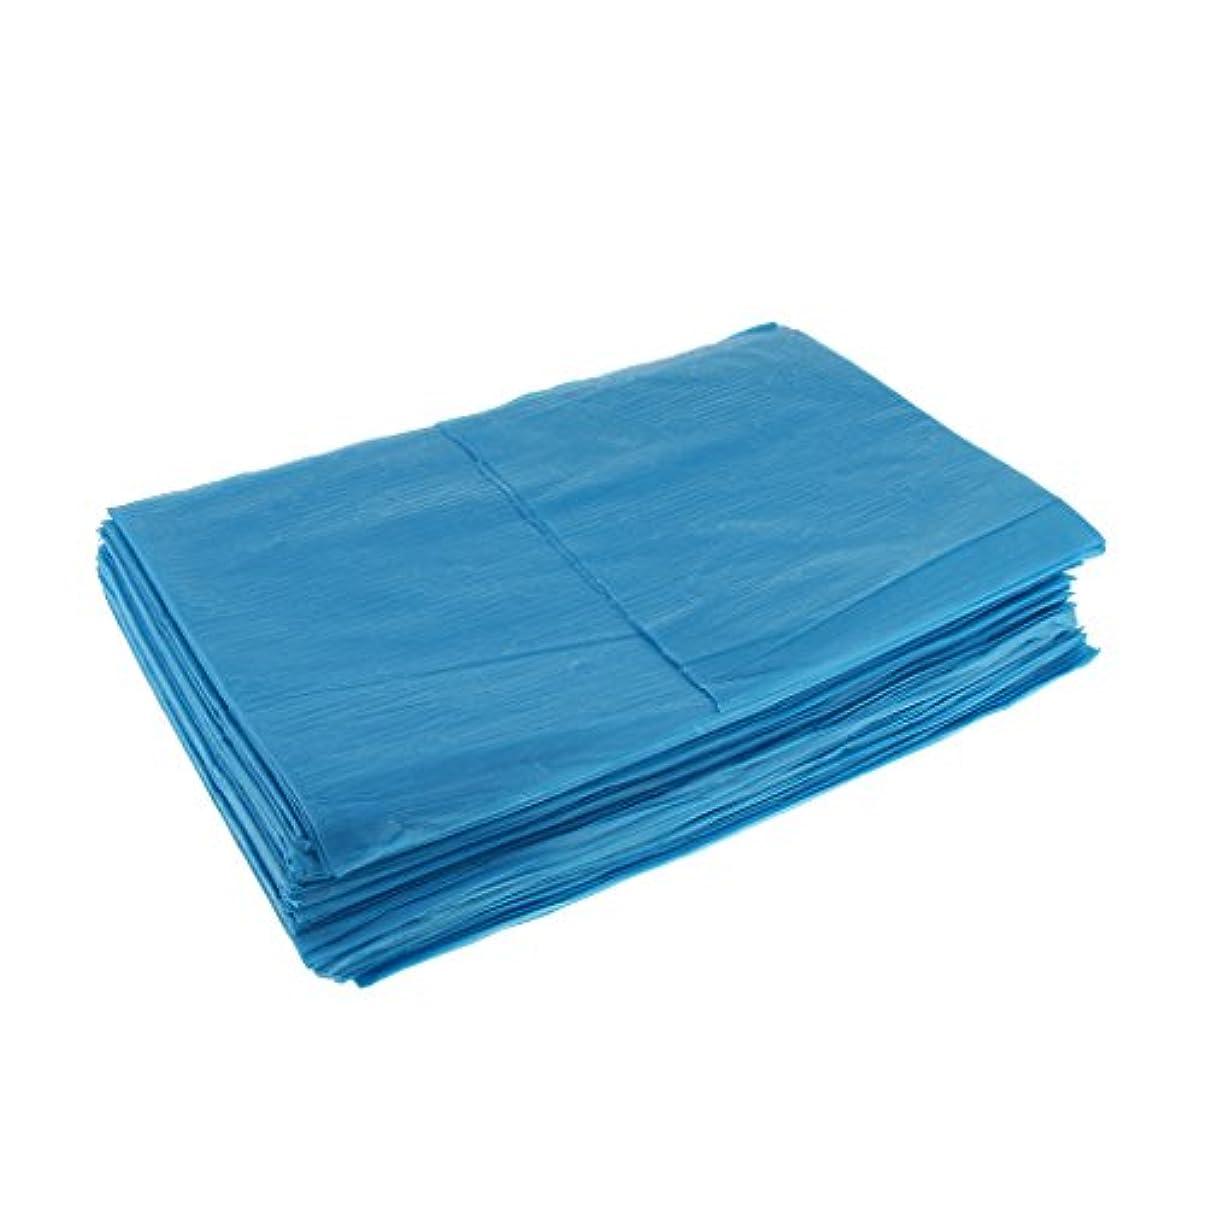 降ろす販売員大工10枚 使い捨て ベッドシーツ 美容 マッサージ サロン ホテル ベッドパッド カバー シート 2色選べ - 青